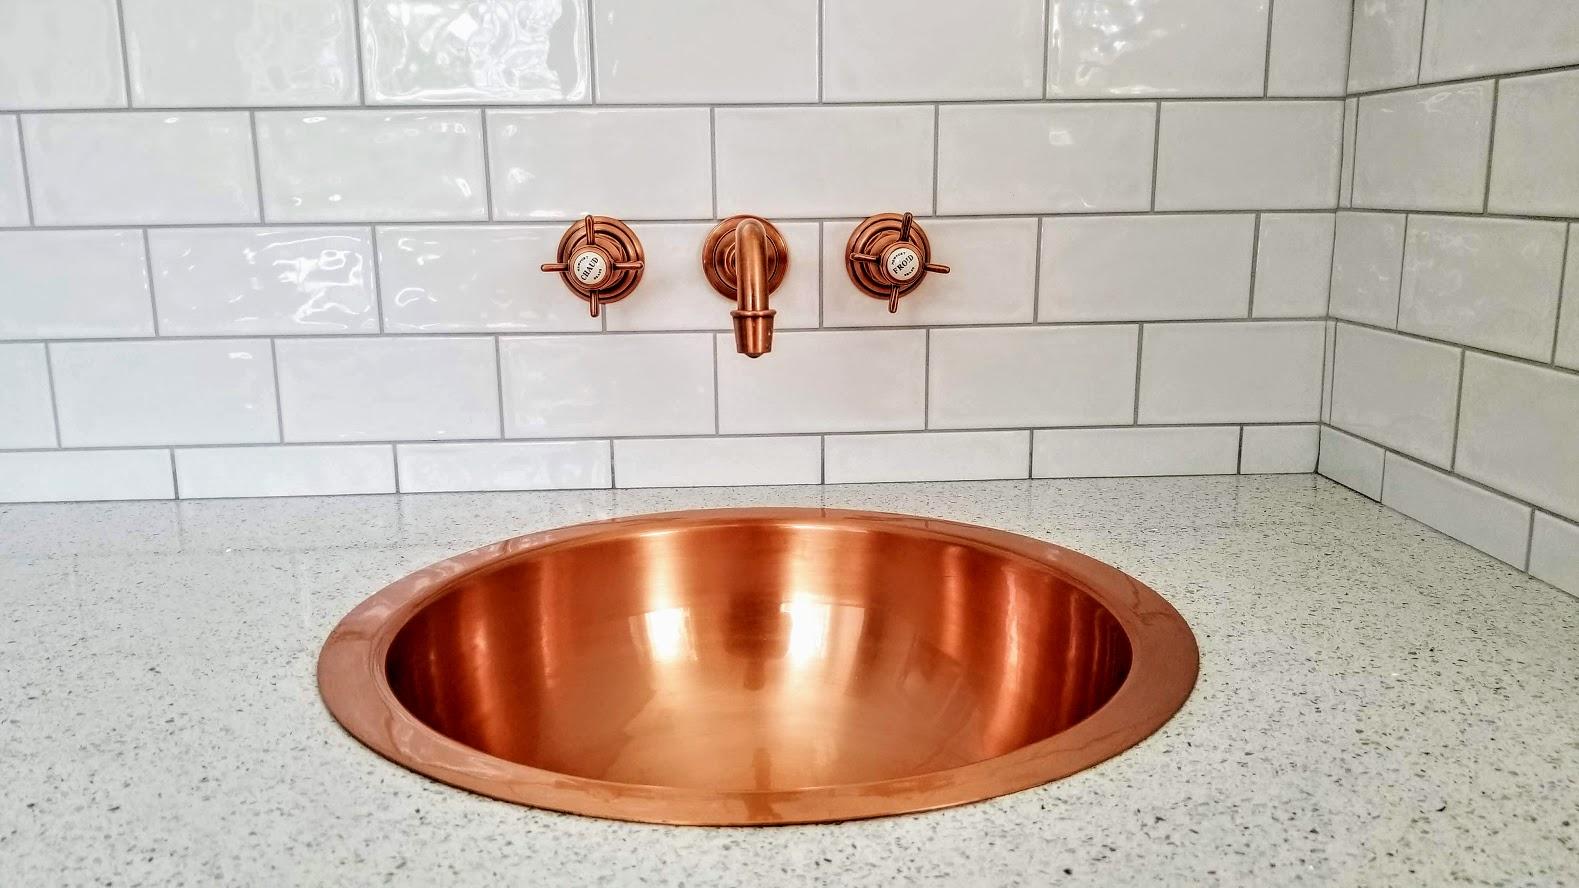 clifford bath pic 8.jpg